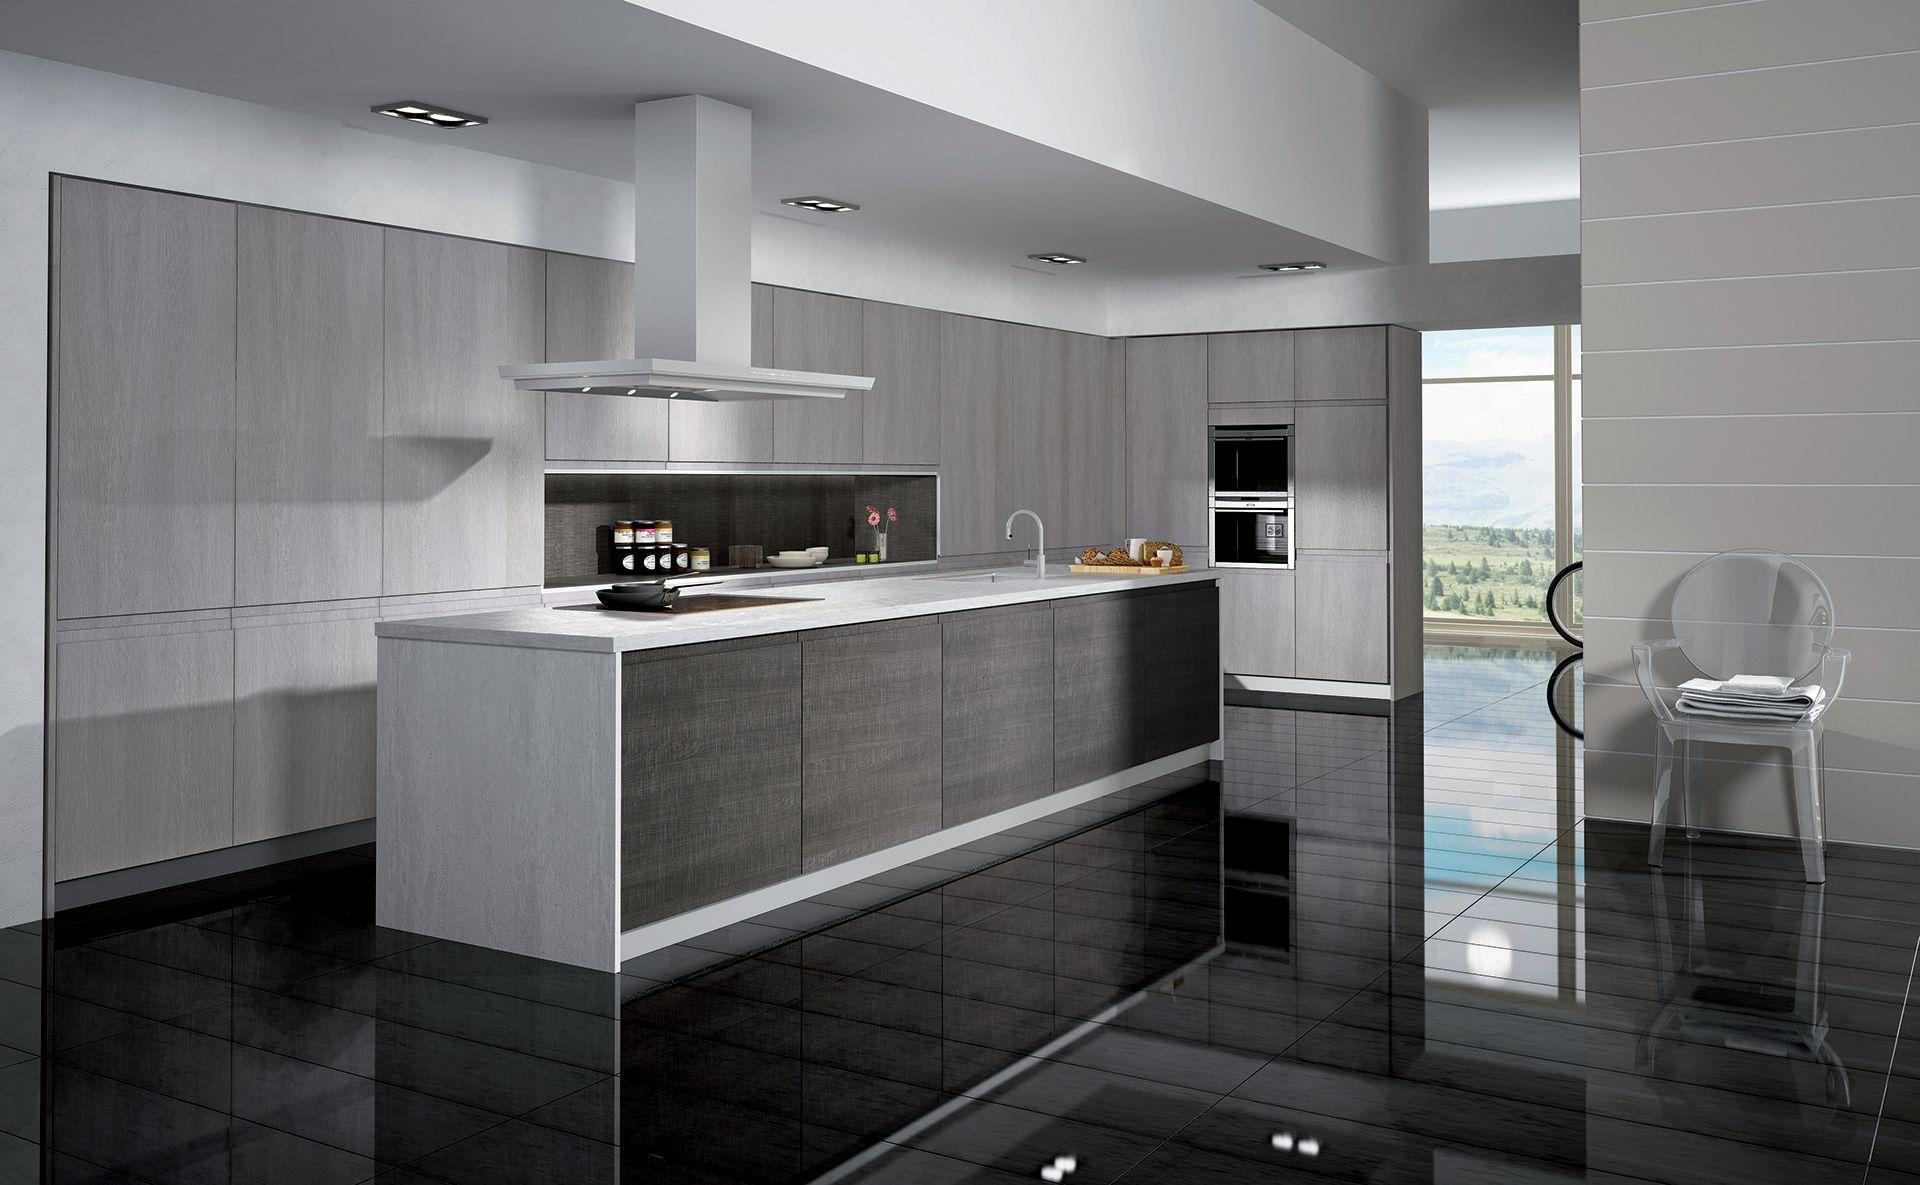 cuisine carat tr s l gante et fonctionnelle par cuisines teisseire. Black Bedroom Furniture Sets. Home Design Ideas